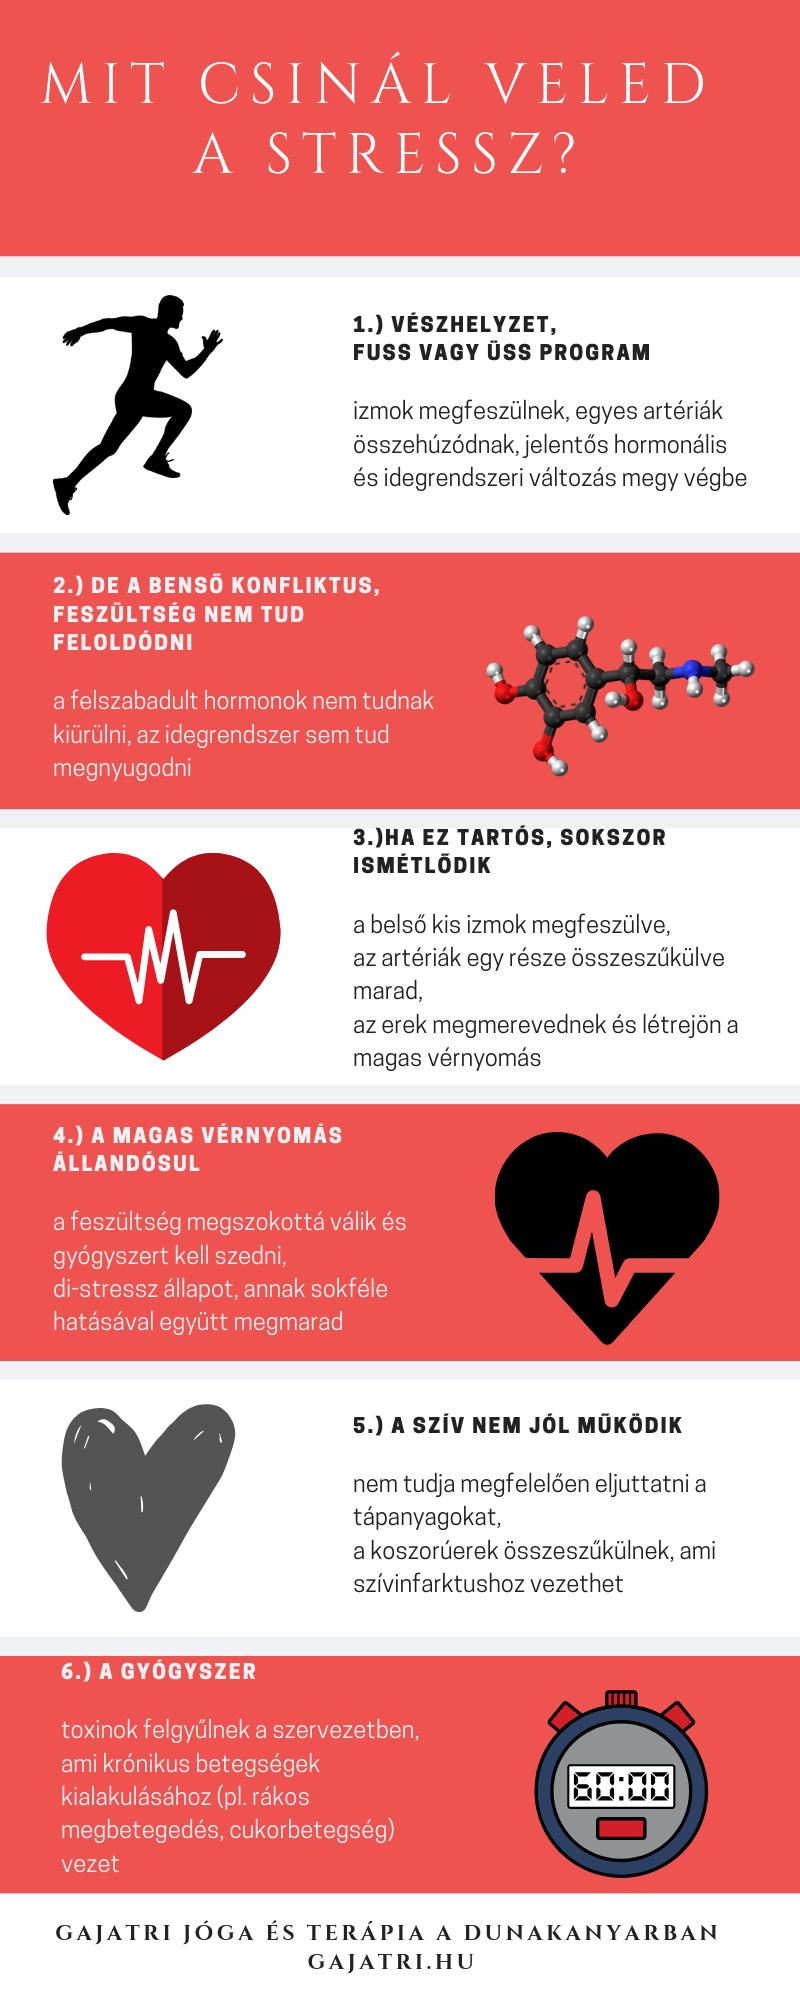 magas vérnyomás 2 fok 1 cikk a hirudoterápia segített a magas vérnyomásban